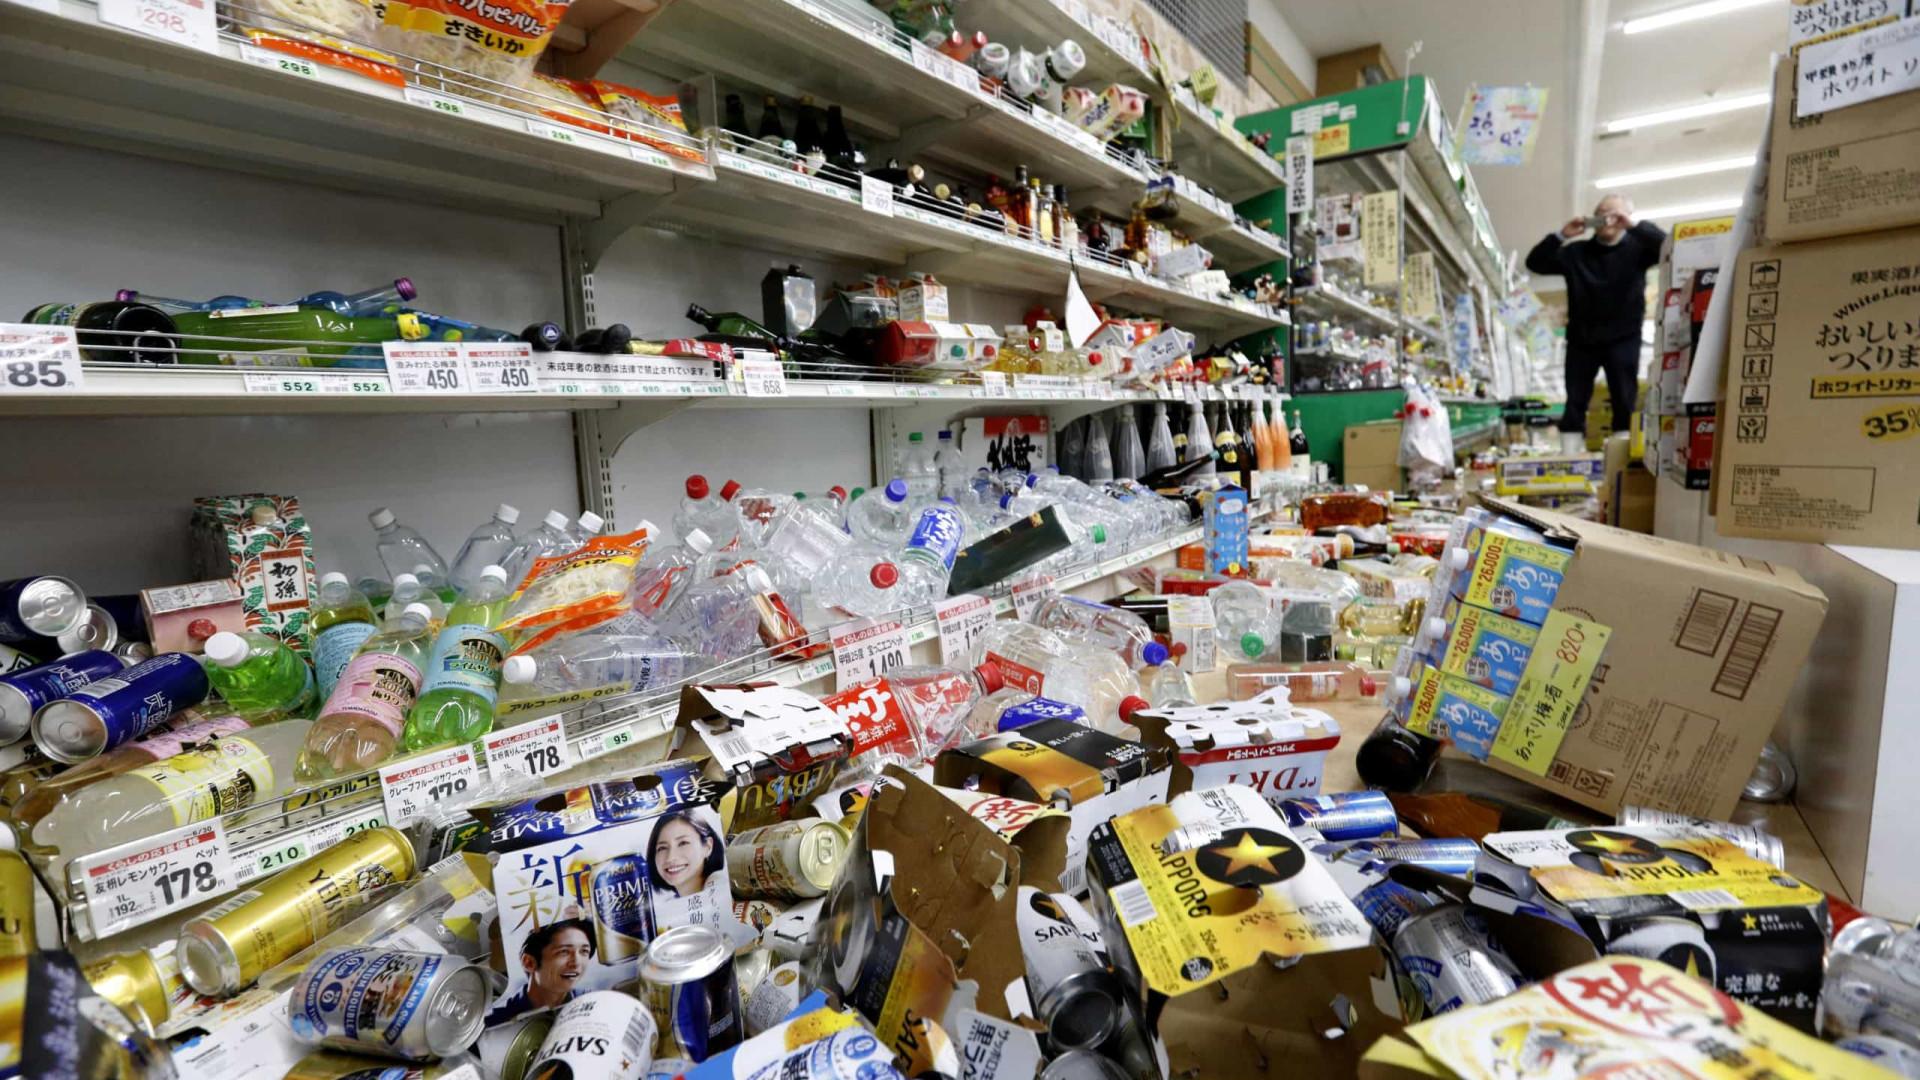 Terremoto de magnitude 6,7 atinge o Japão e deixa 28 feridos